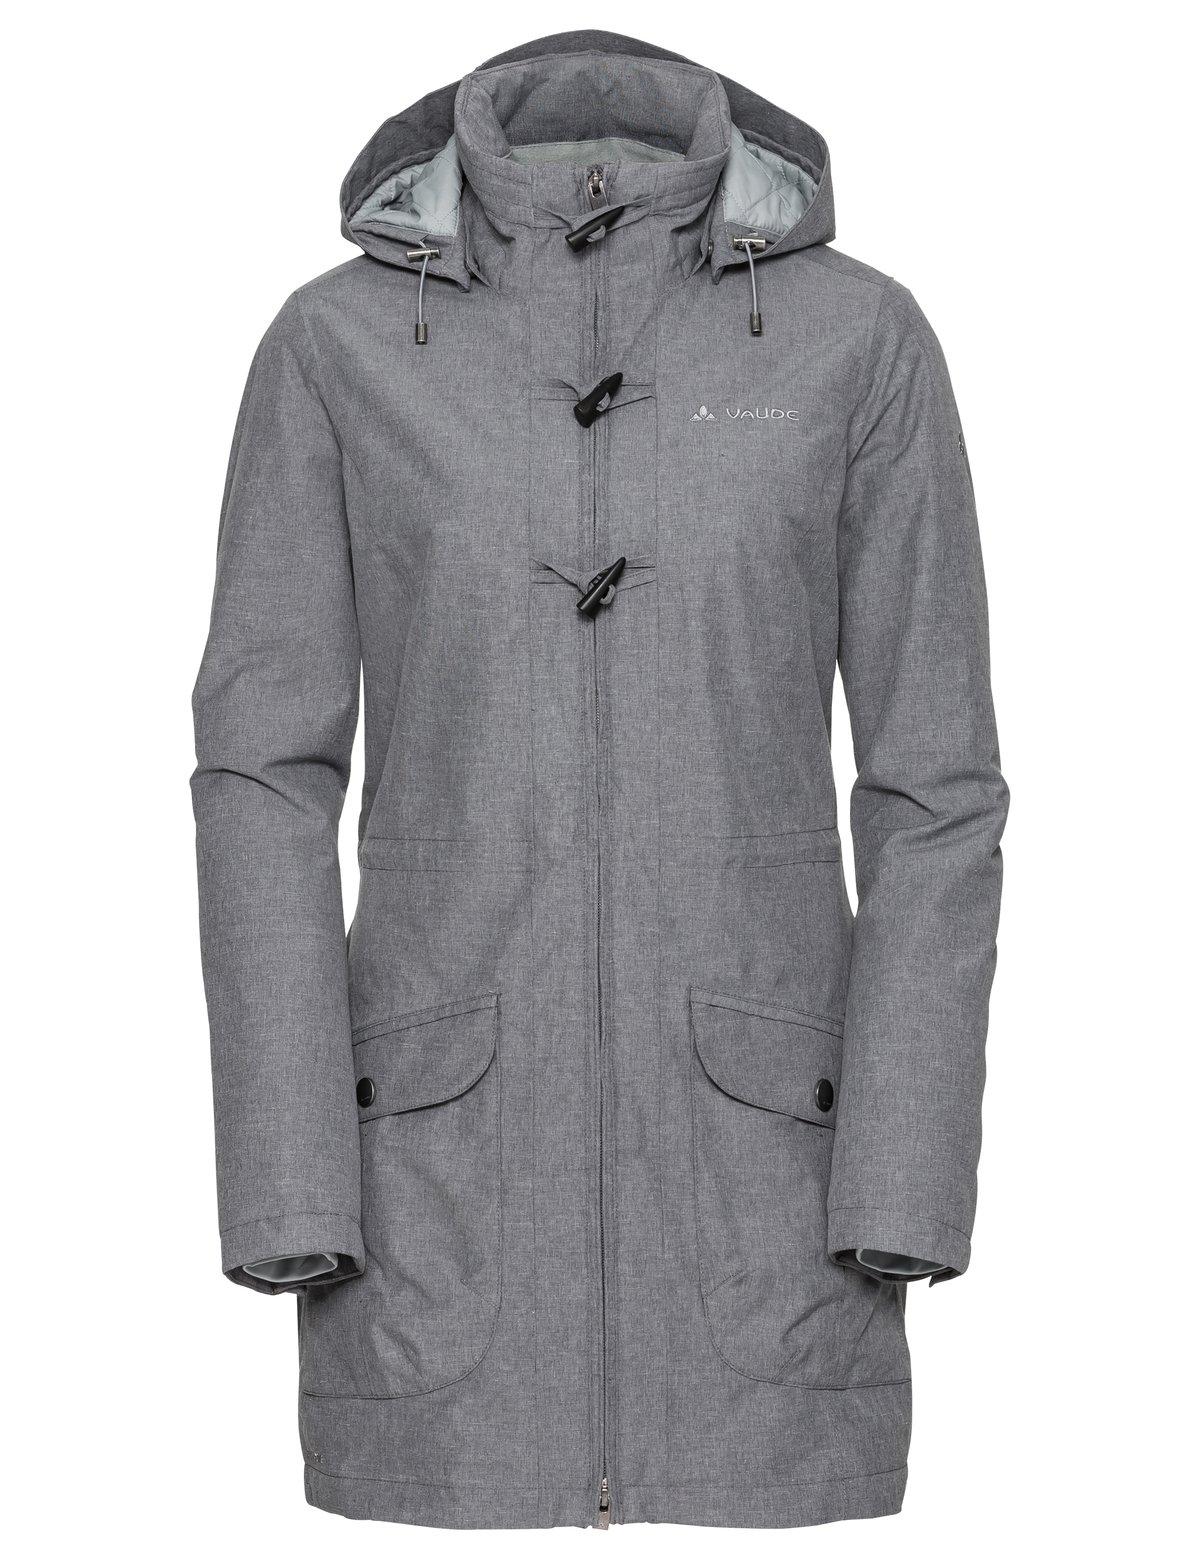 81q7L%2BjQc3L - VAUDE Women's Ceduna Coat Jacket